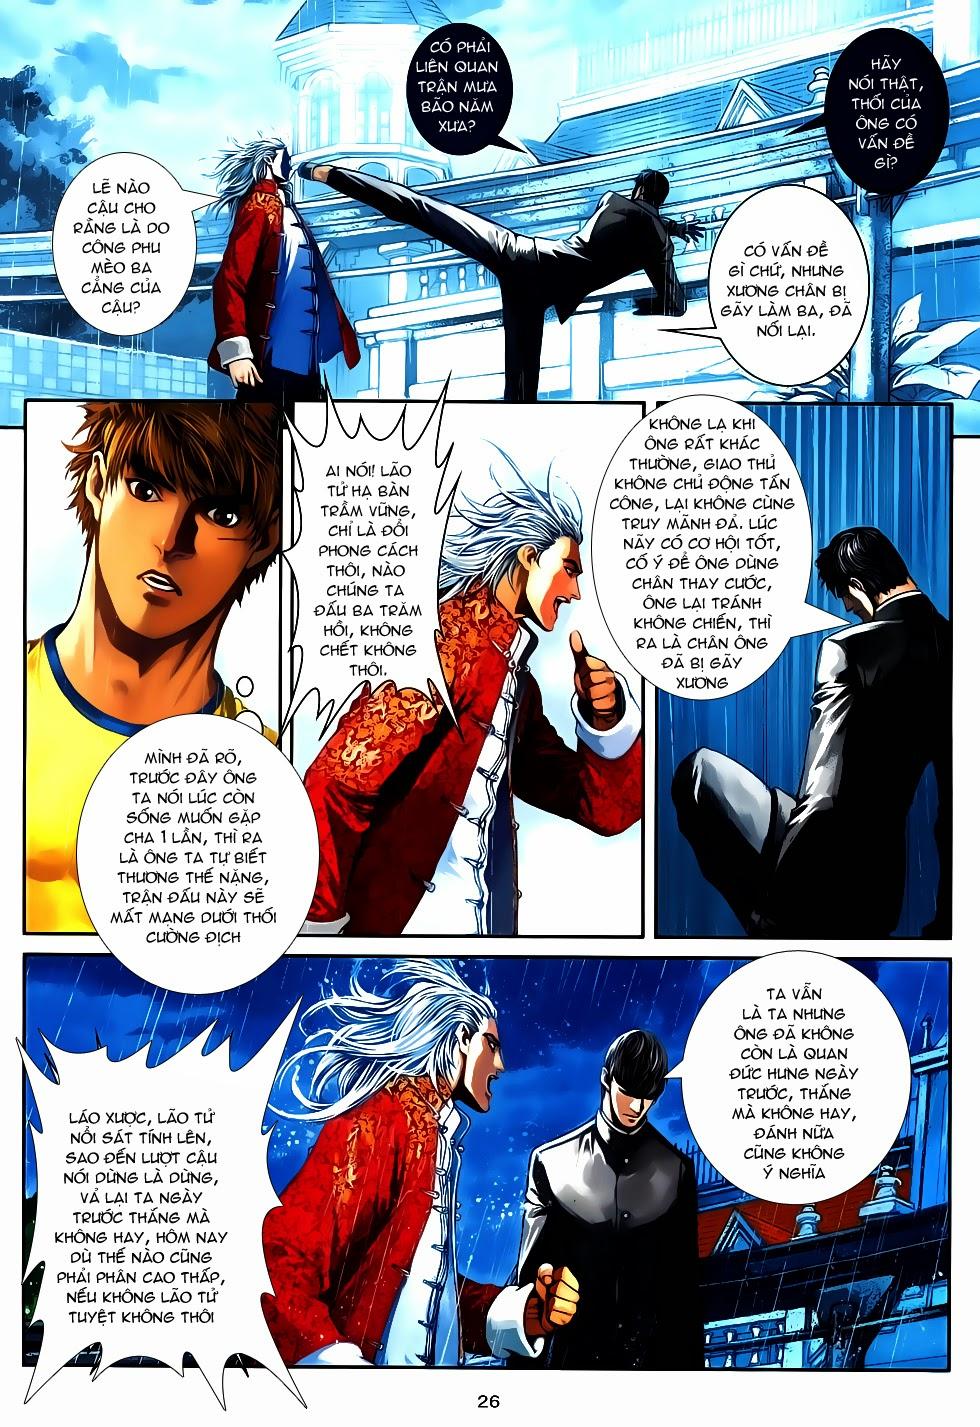 Quyền Đạo chapter 12 - end trang 26